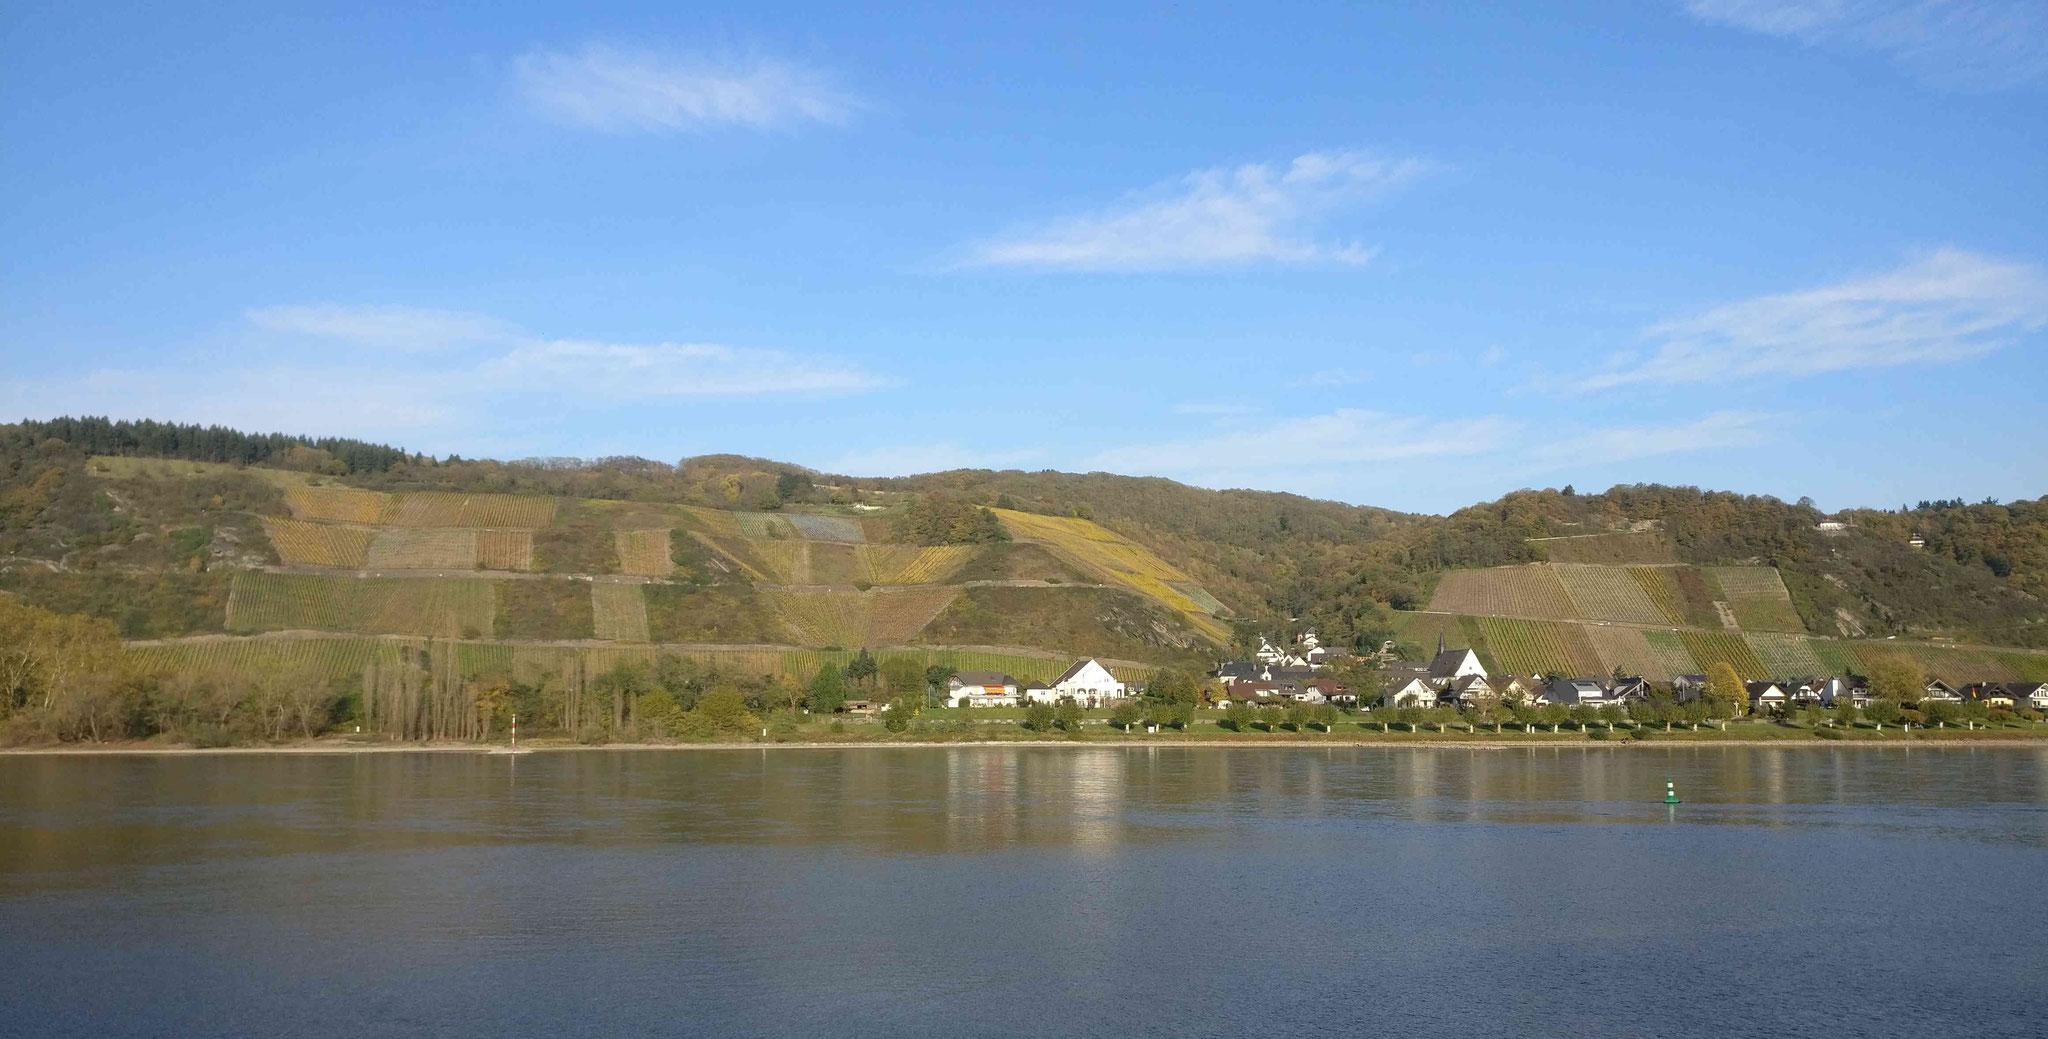 Blick auf die Leutesdorfer Weinberge von der westlichen Rheinseite